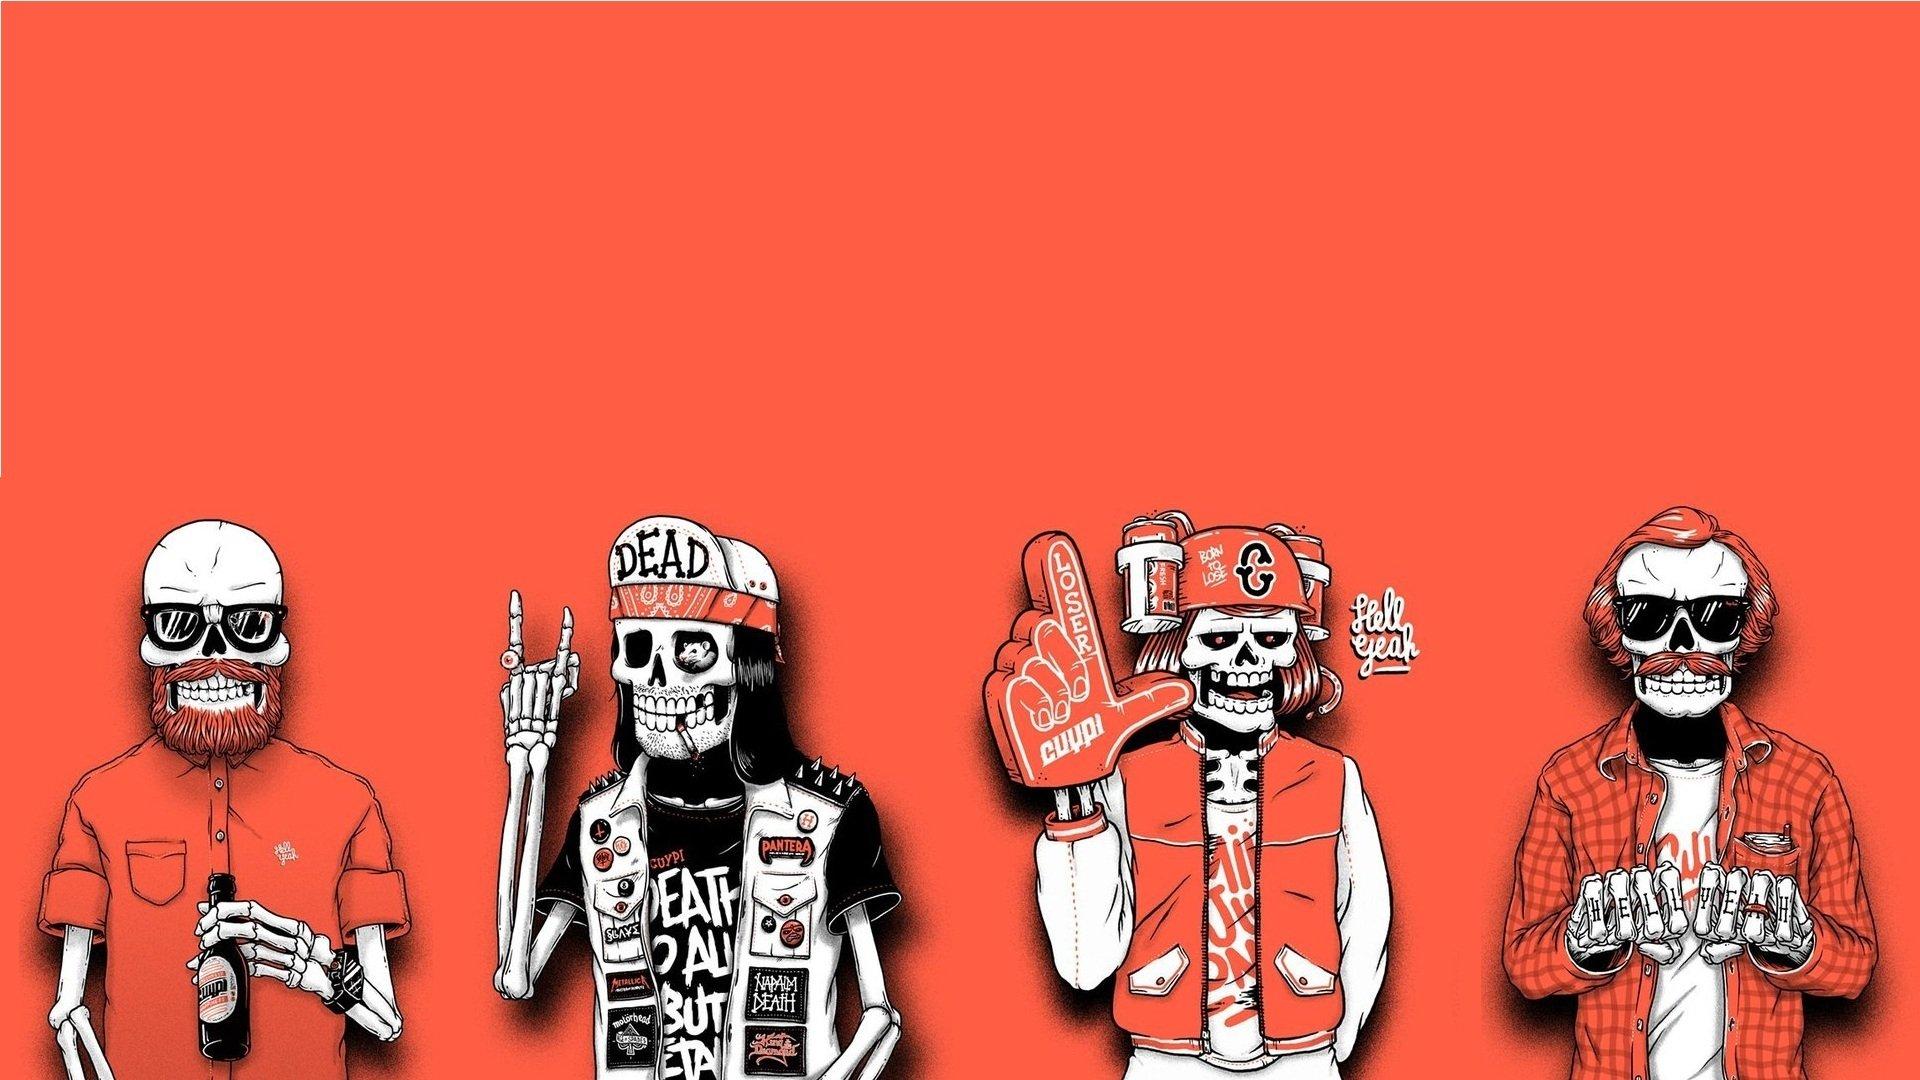 испытывающие скелет обои на айфон здравствуйте